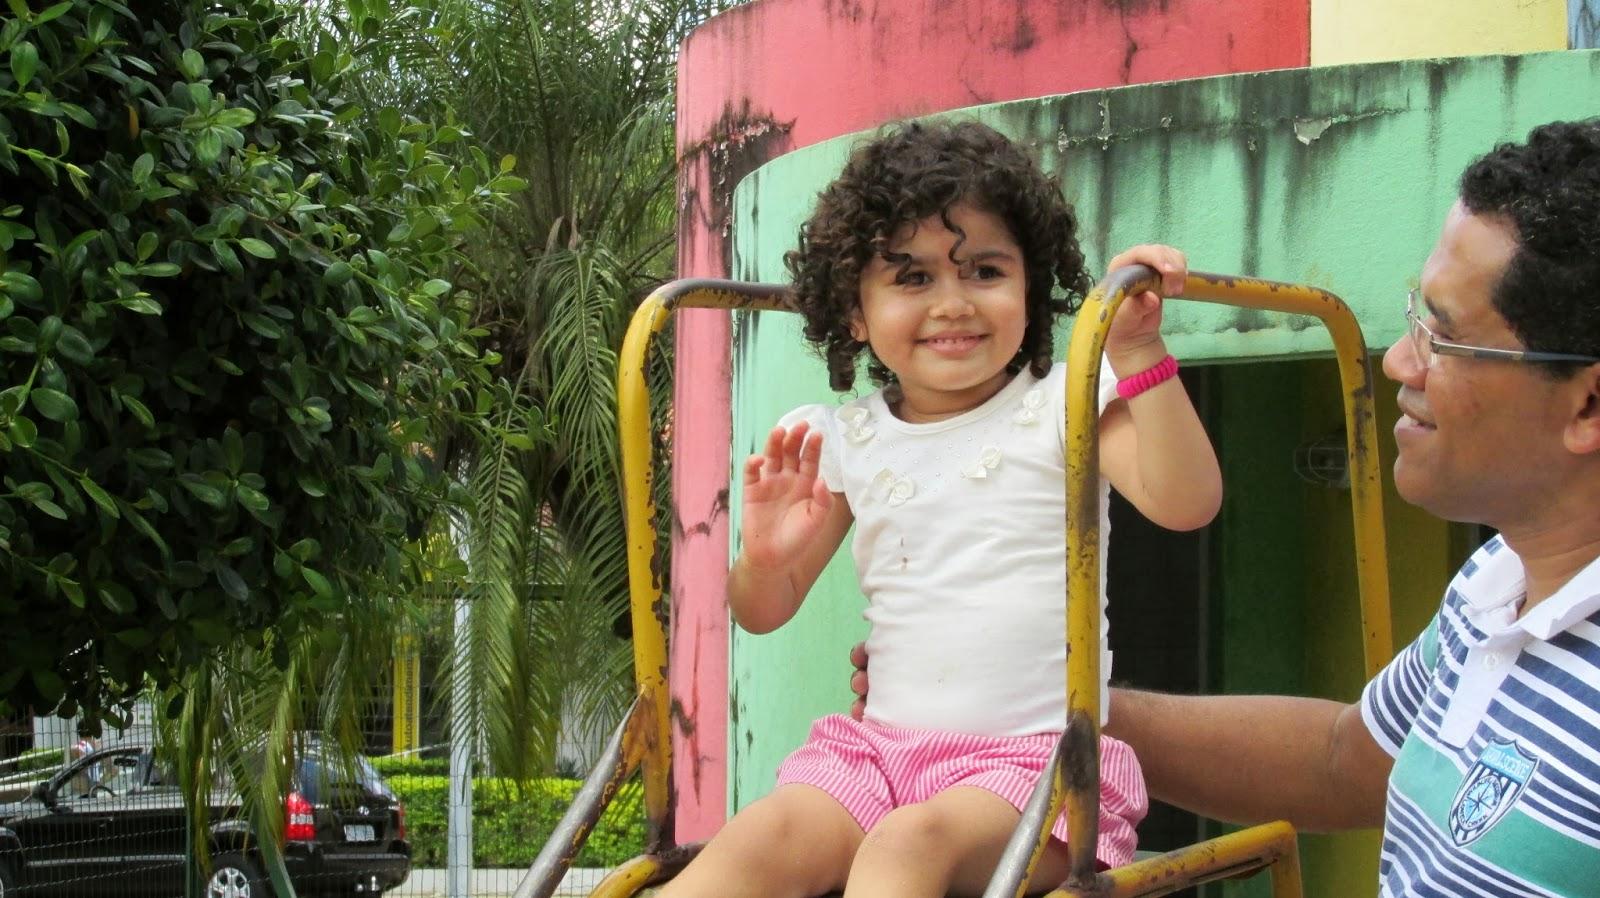 blog materno, maternidade, moda infantil, enxoval  de bebe, minifashionista,moda gestante, filhos, kids, brinquedo infantil, papai, pai presente, paternidade